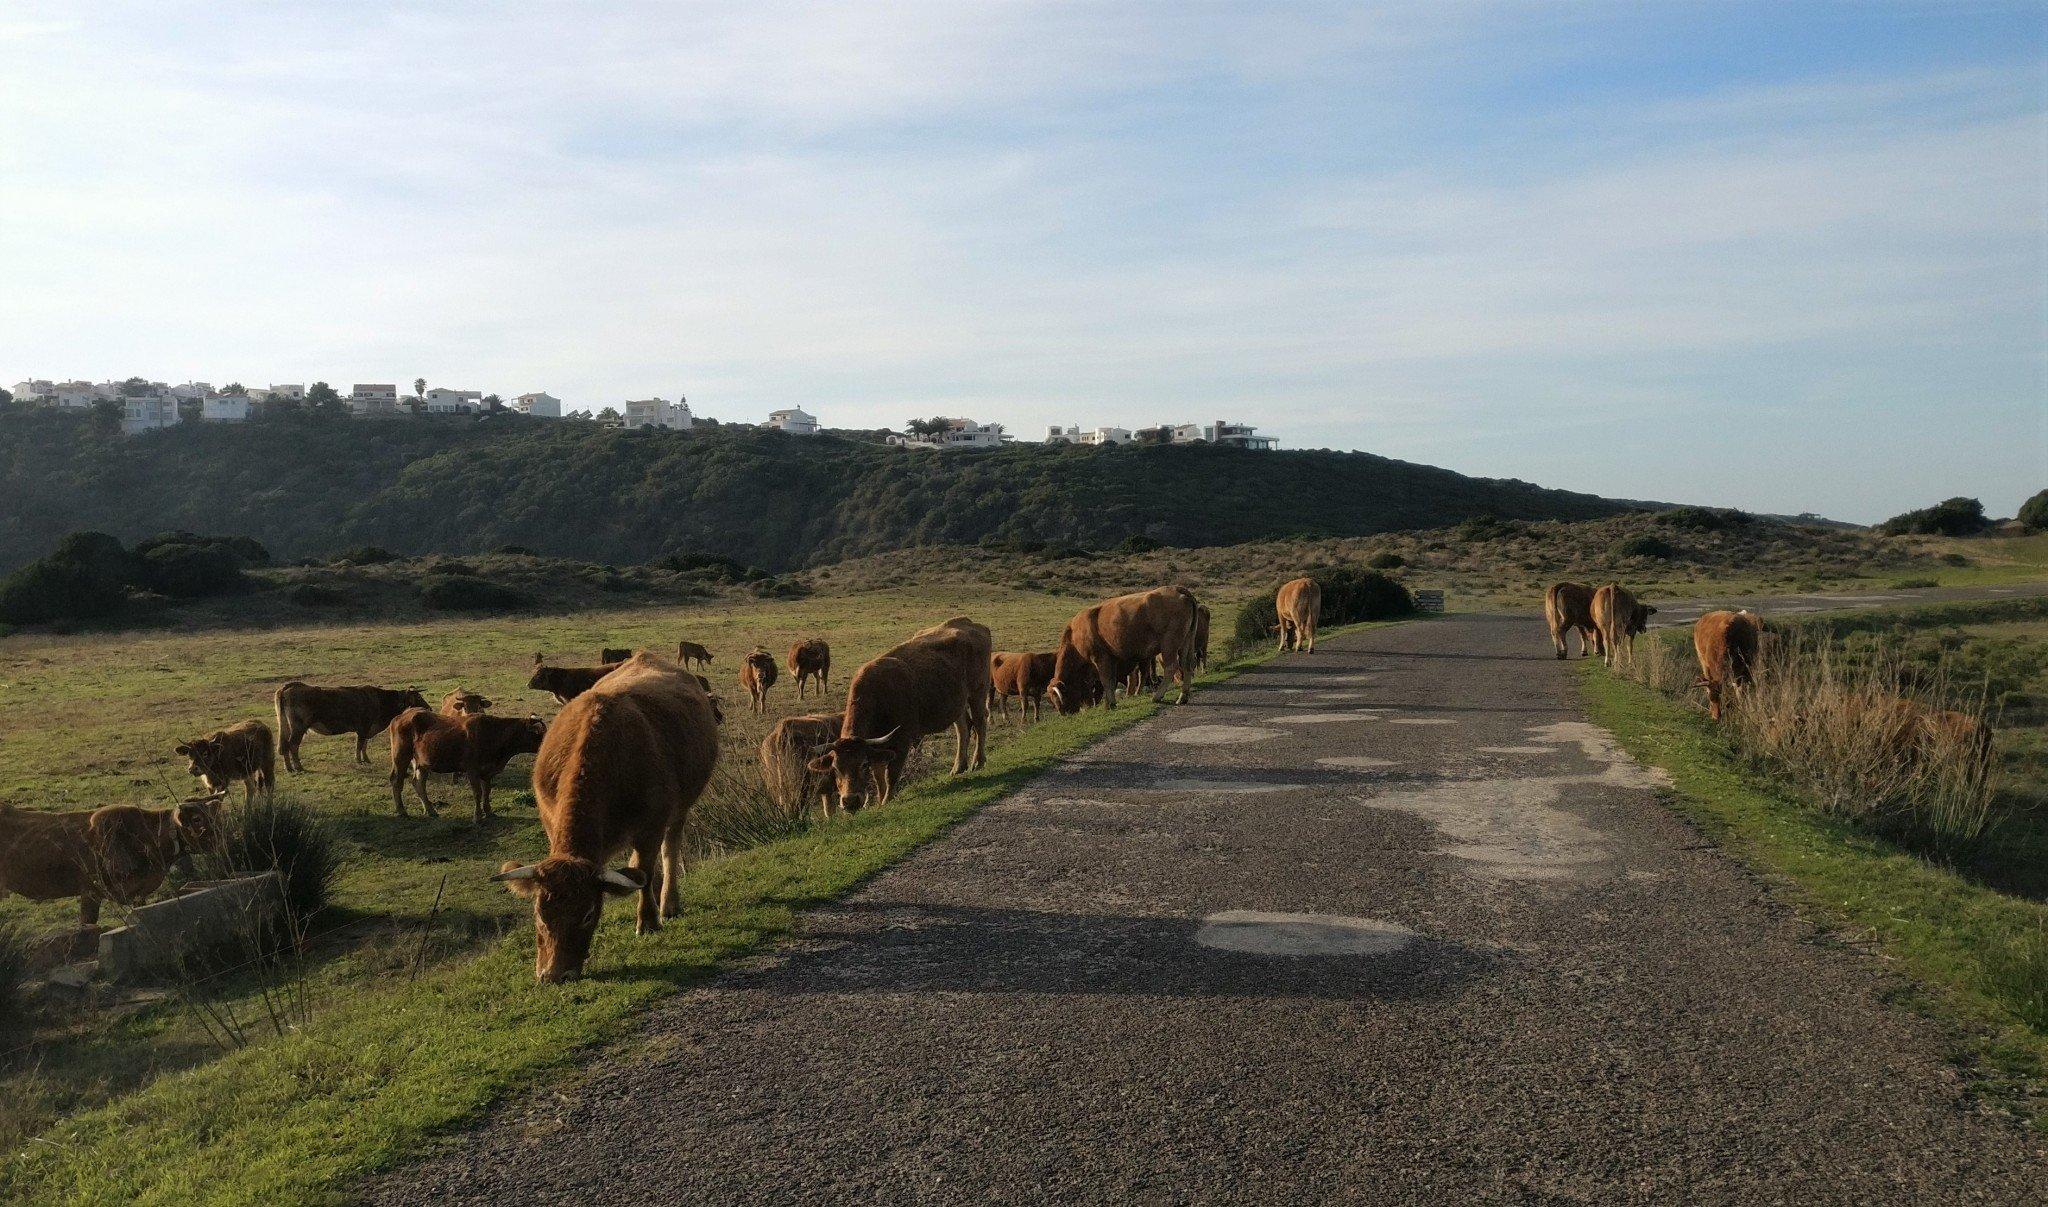 Lehmät tiellä